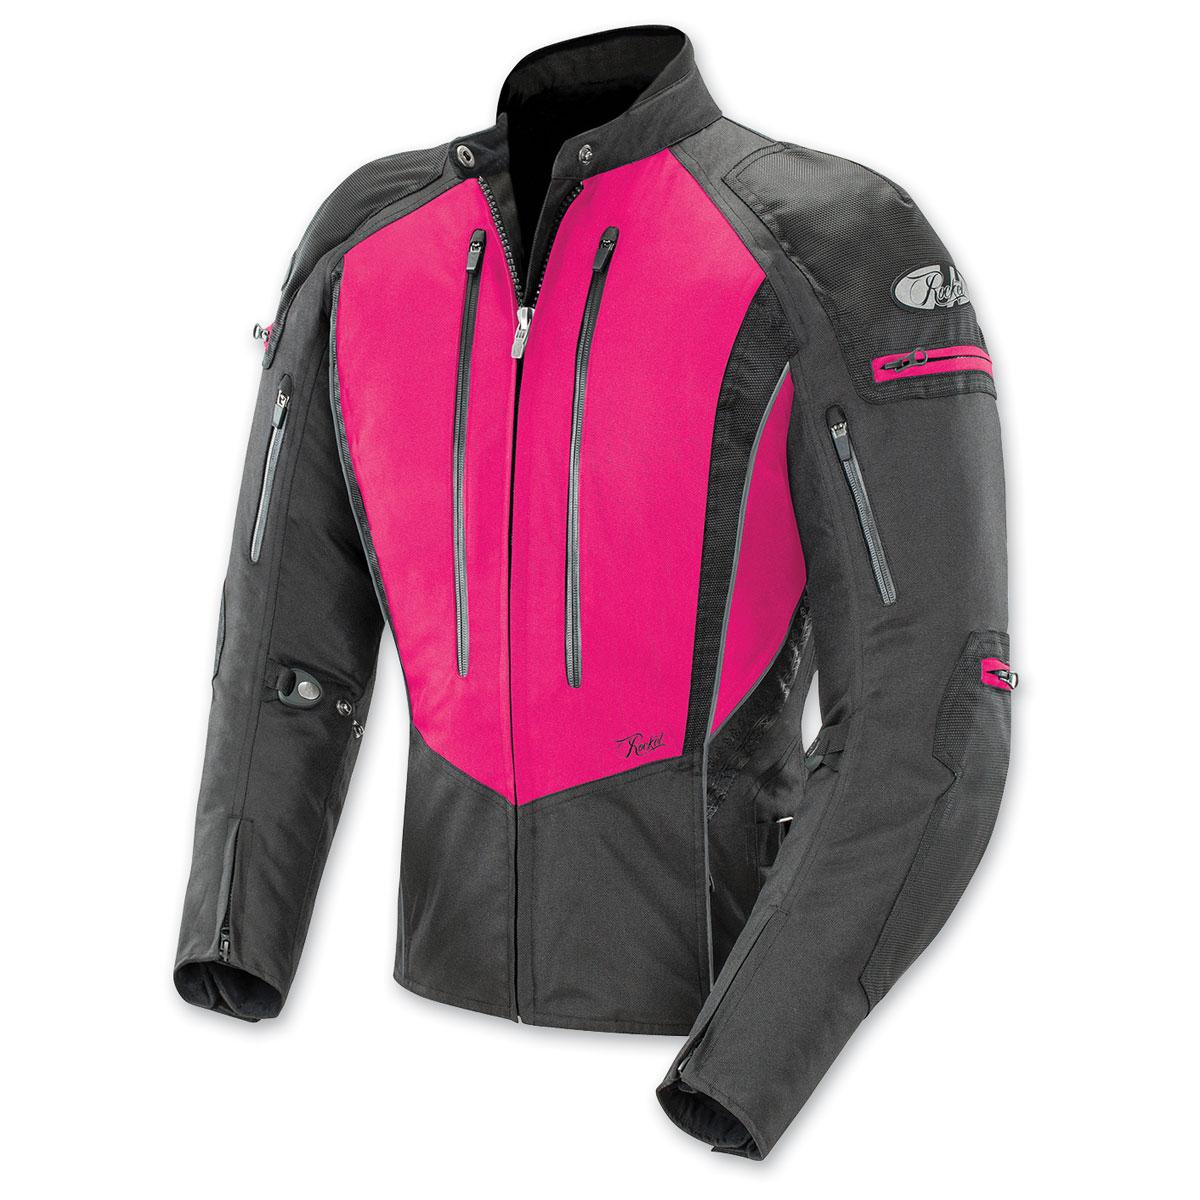 Joe Rocket Women's Atomic 5.0 Pink Jacket